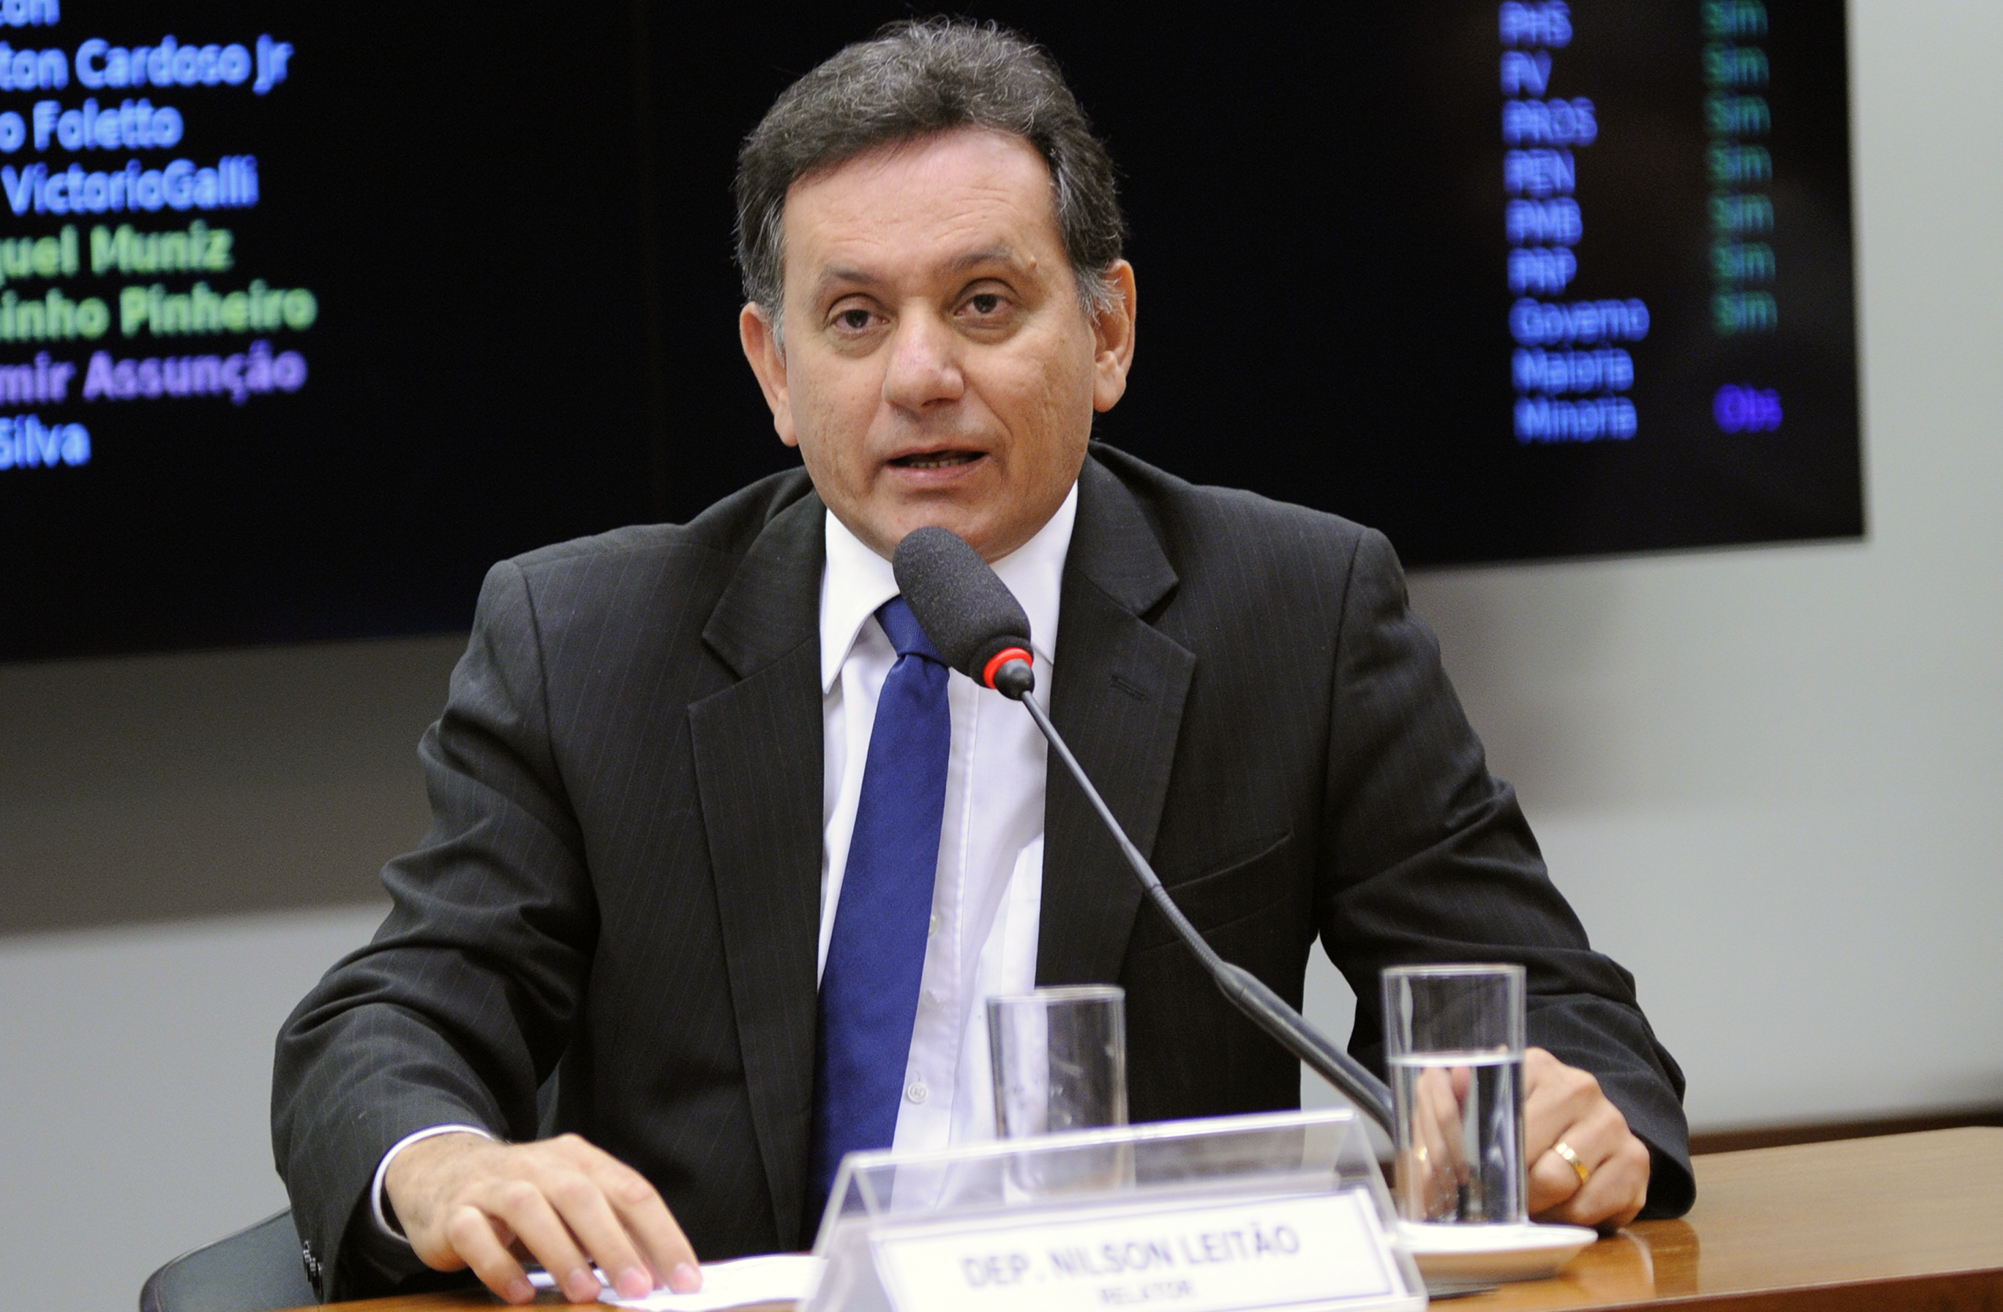 Reunião Ordinária. Dep. Nilson Leitão (PSDB - MT)